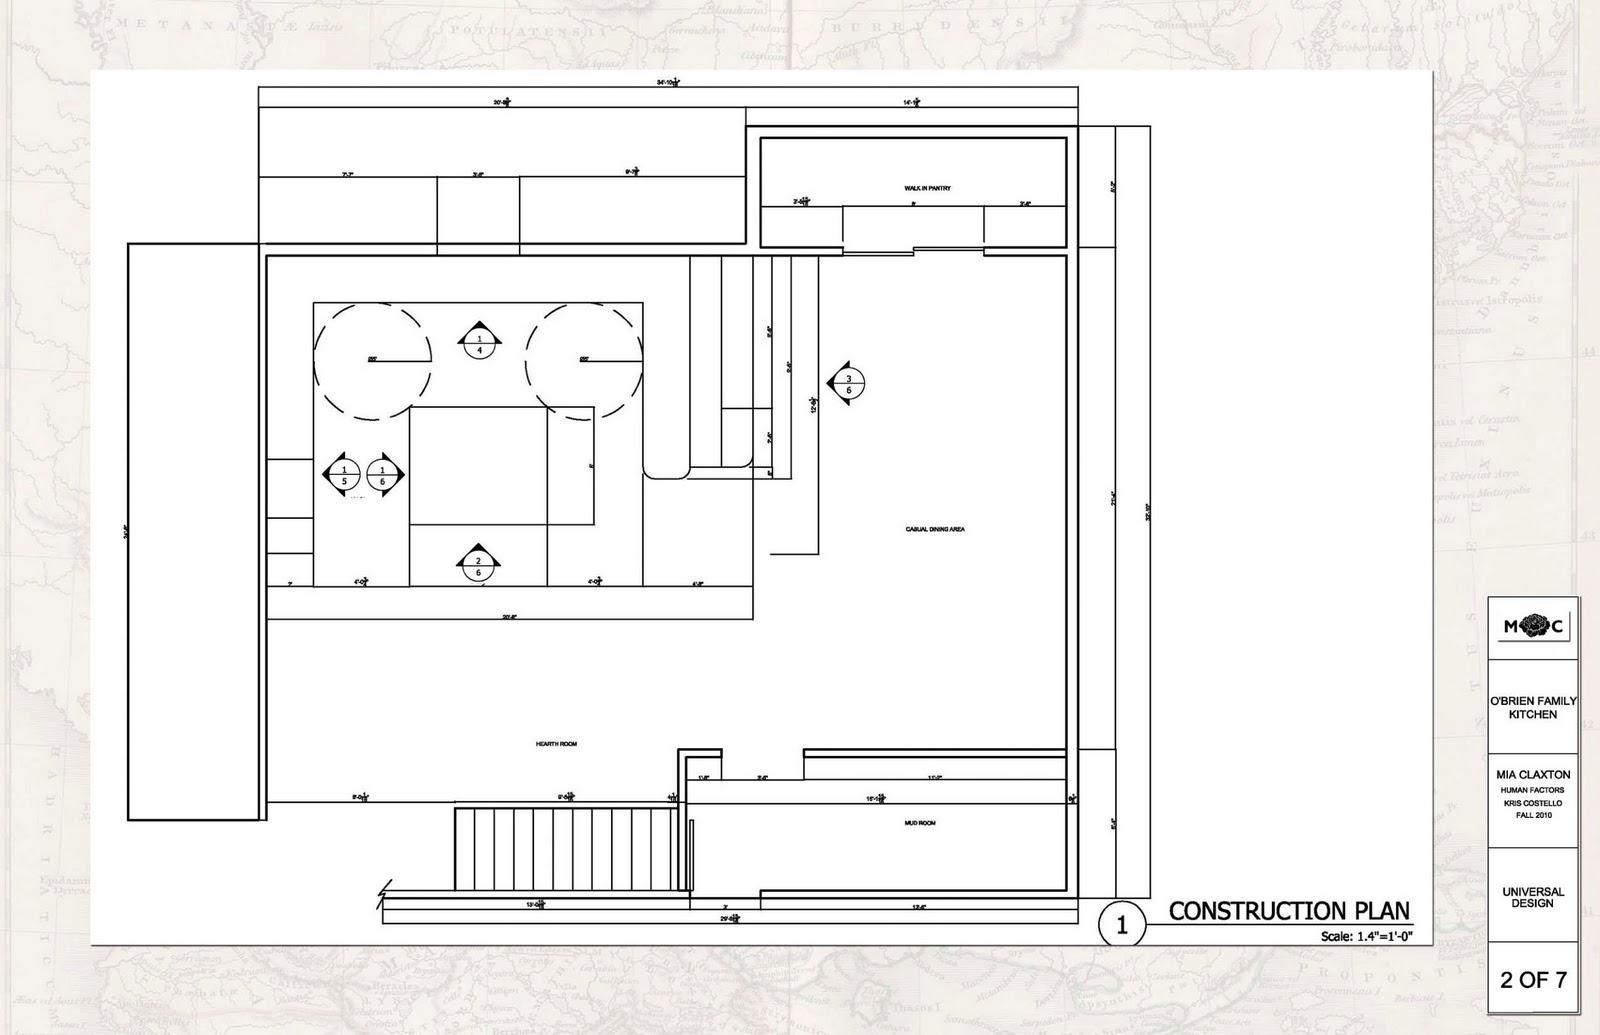 universal kitchen aim to design